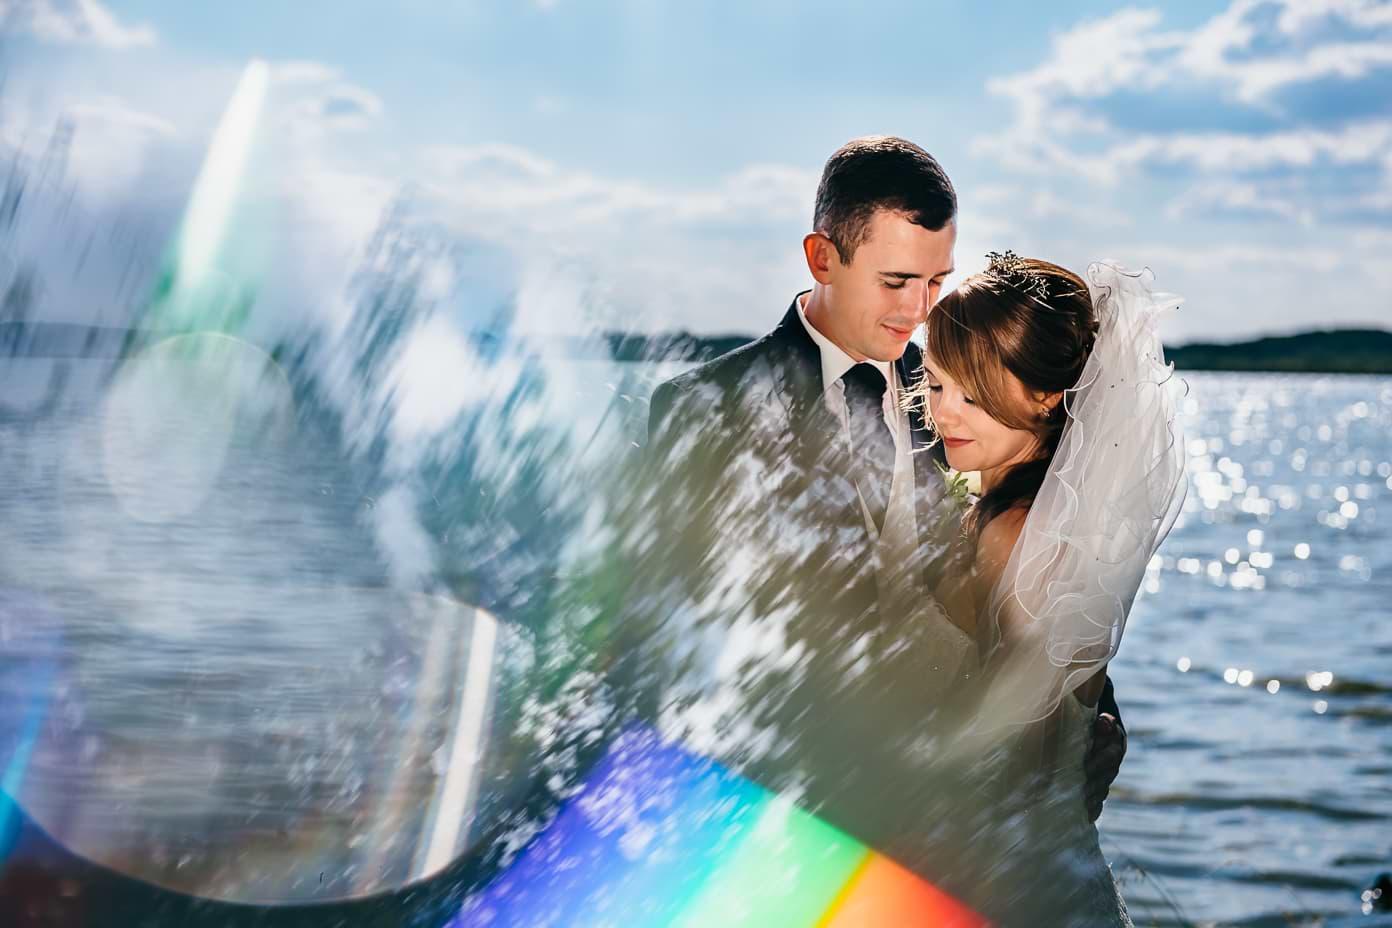 Hochzeitsfotograf: Kosten und Preise